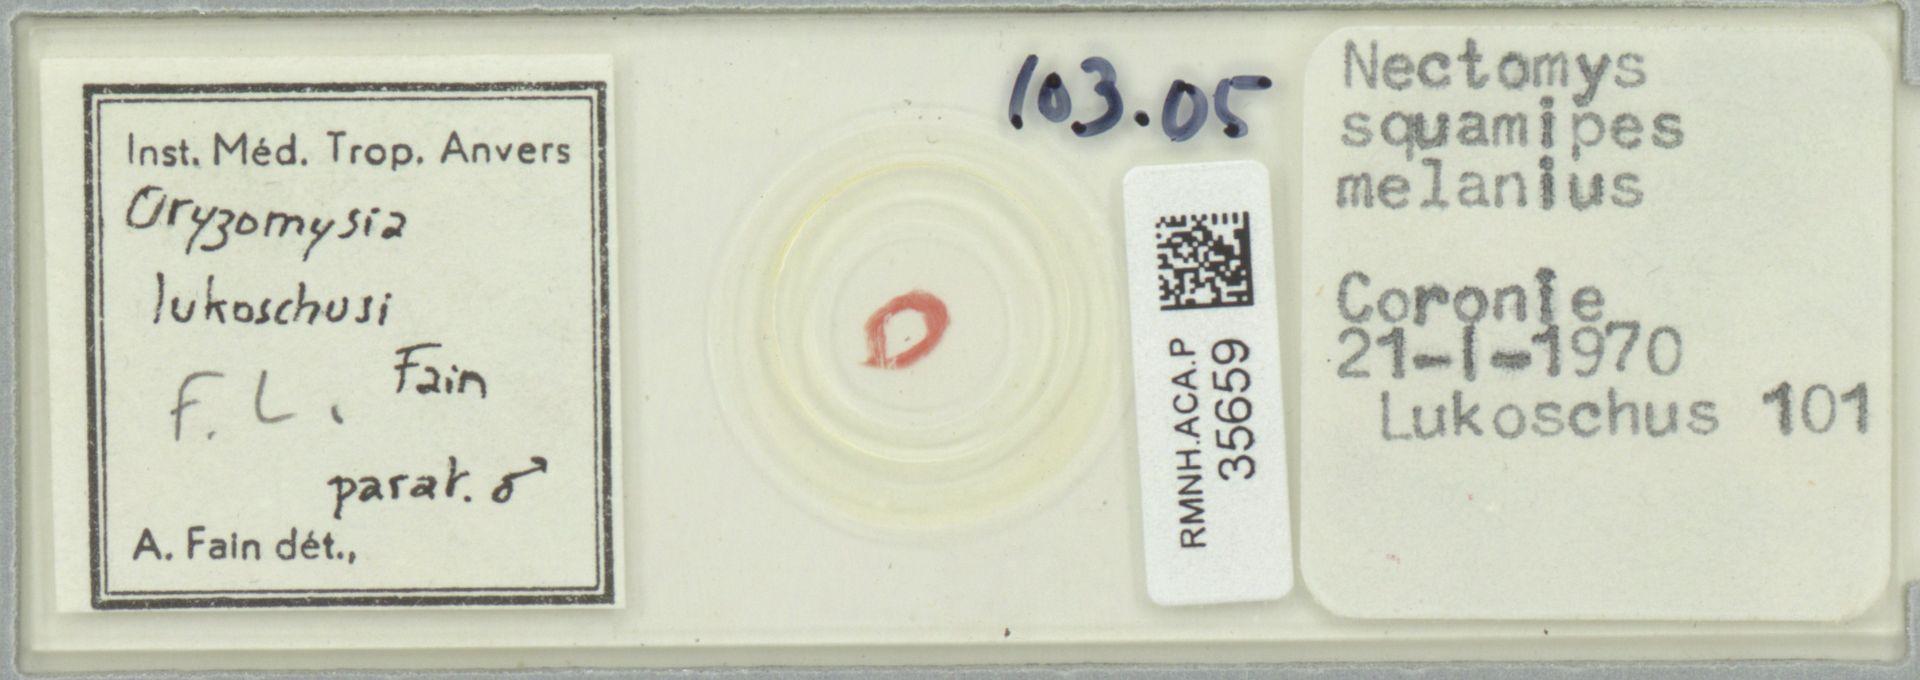 RMNH.ACA.P.35659   Oryzomysia lukoschusi Fain